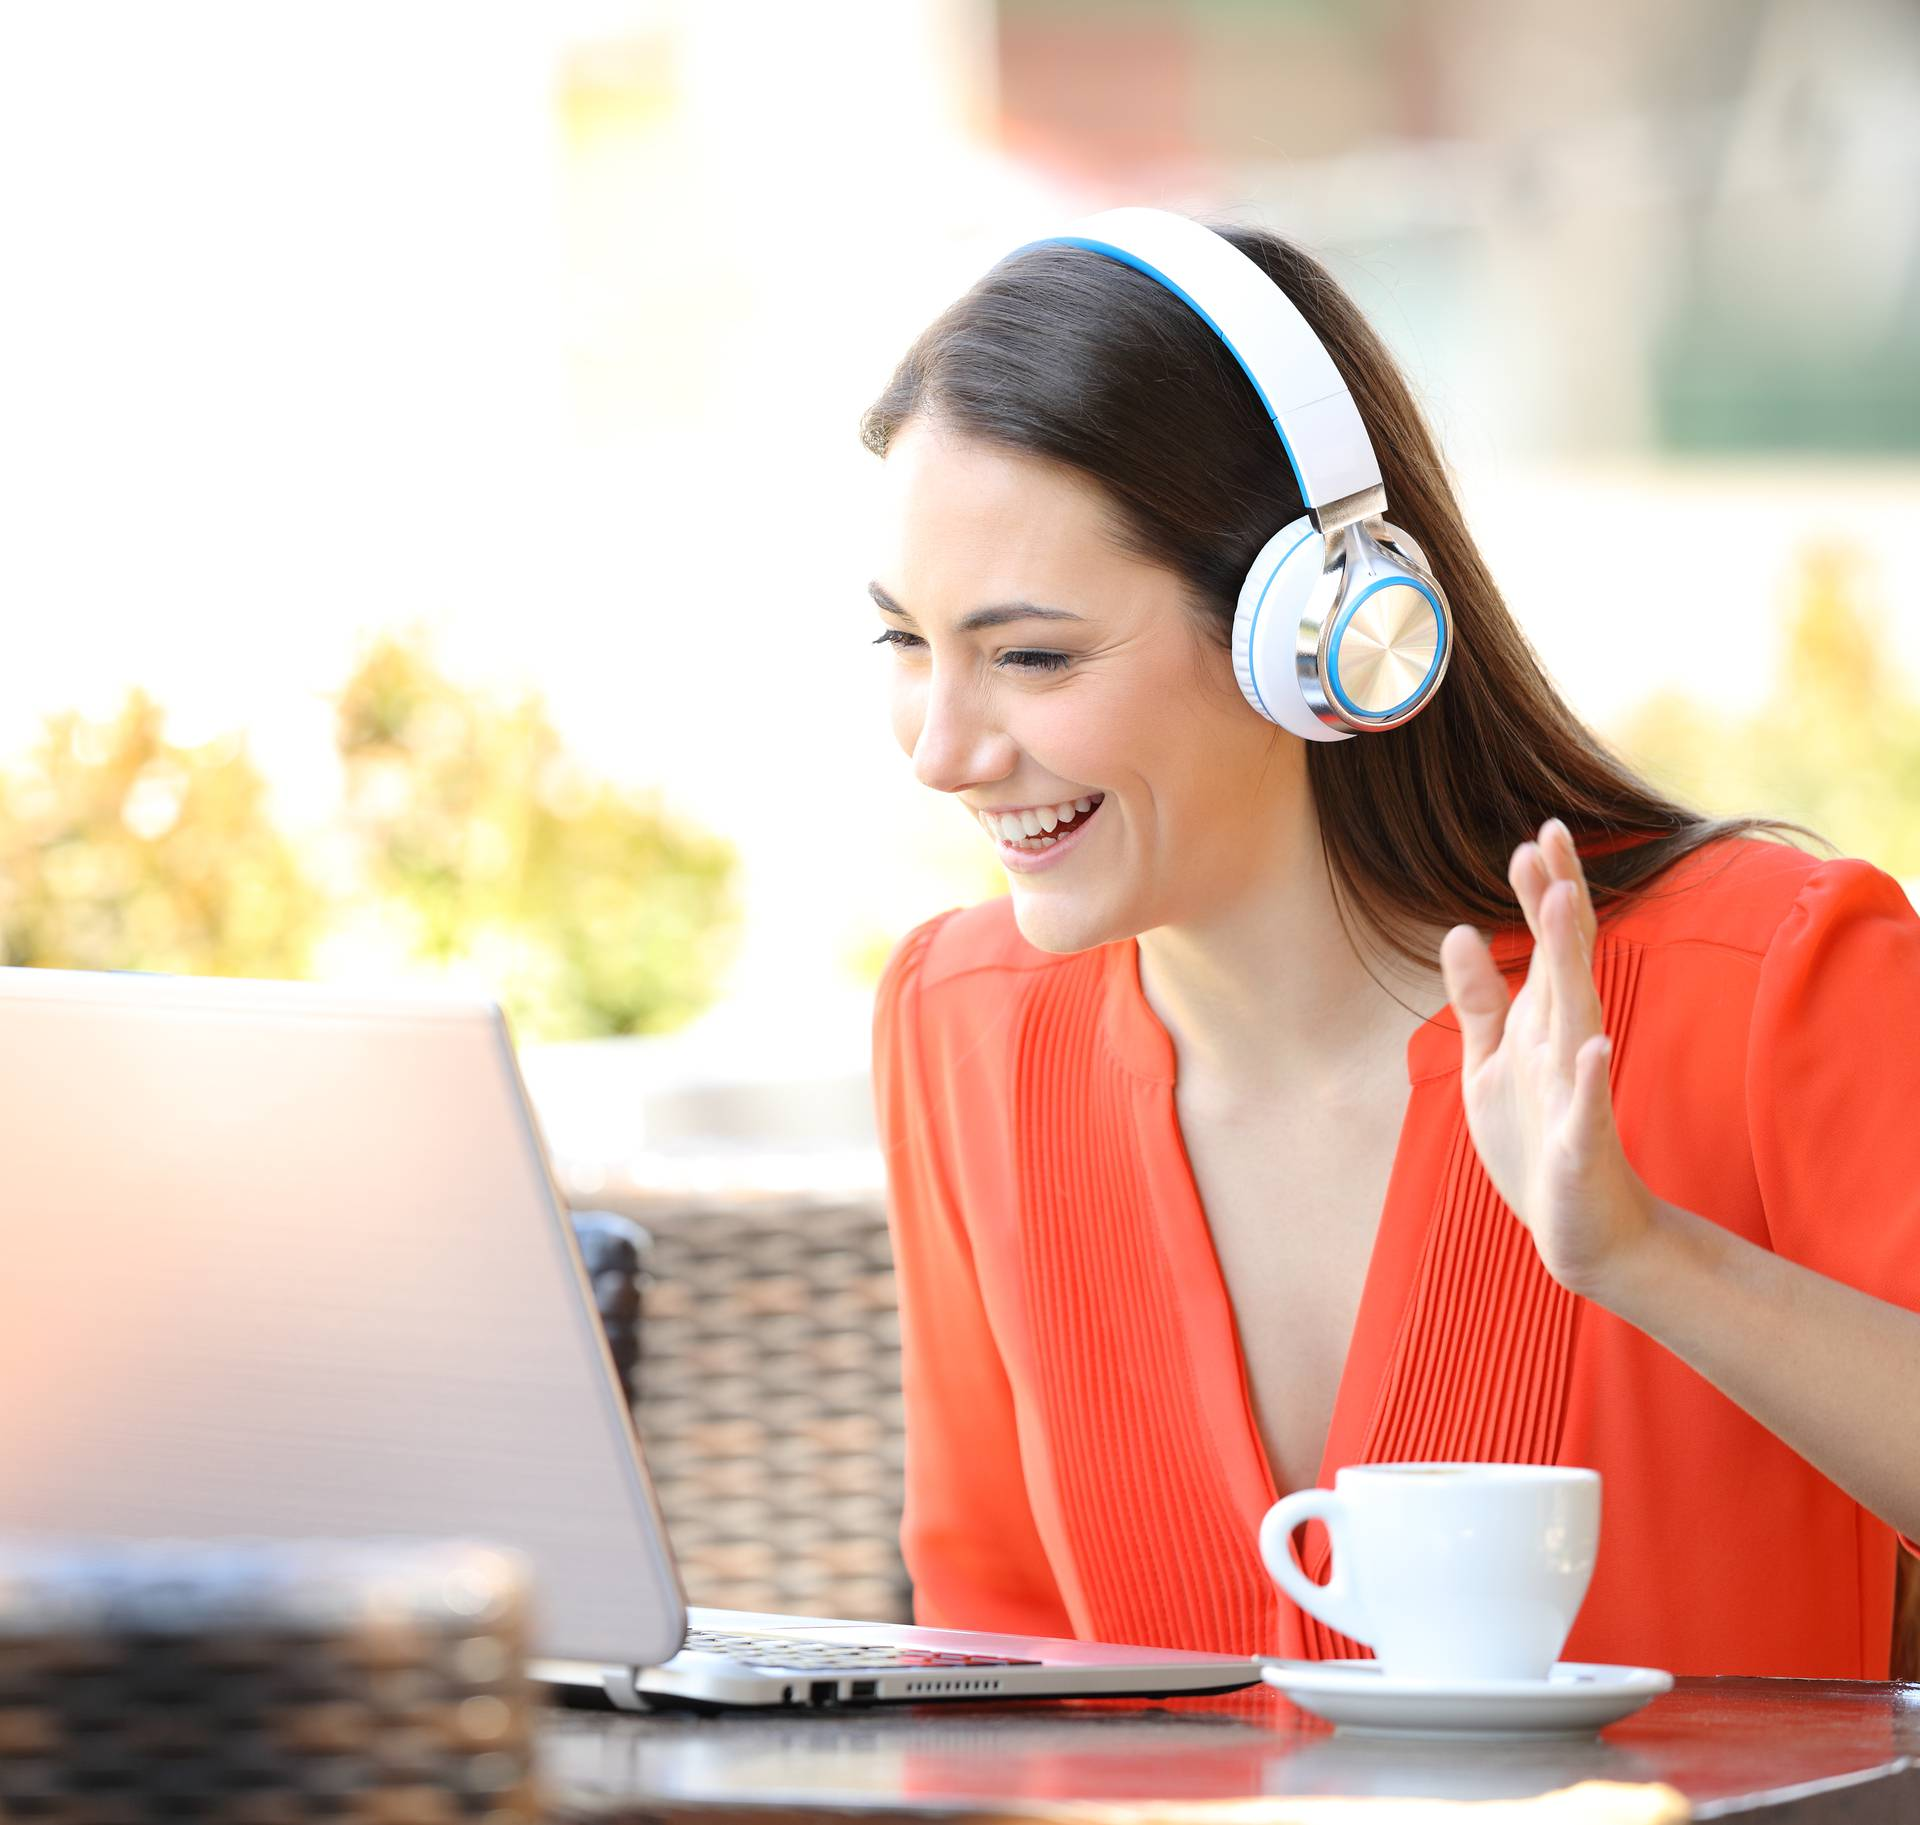 Ovih šest stvari poboljšat će kvalitetu vašeg video poziva